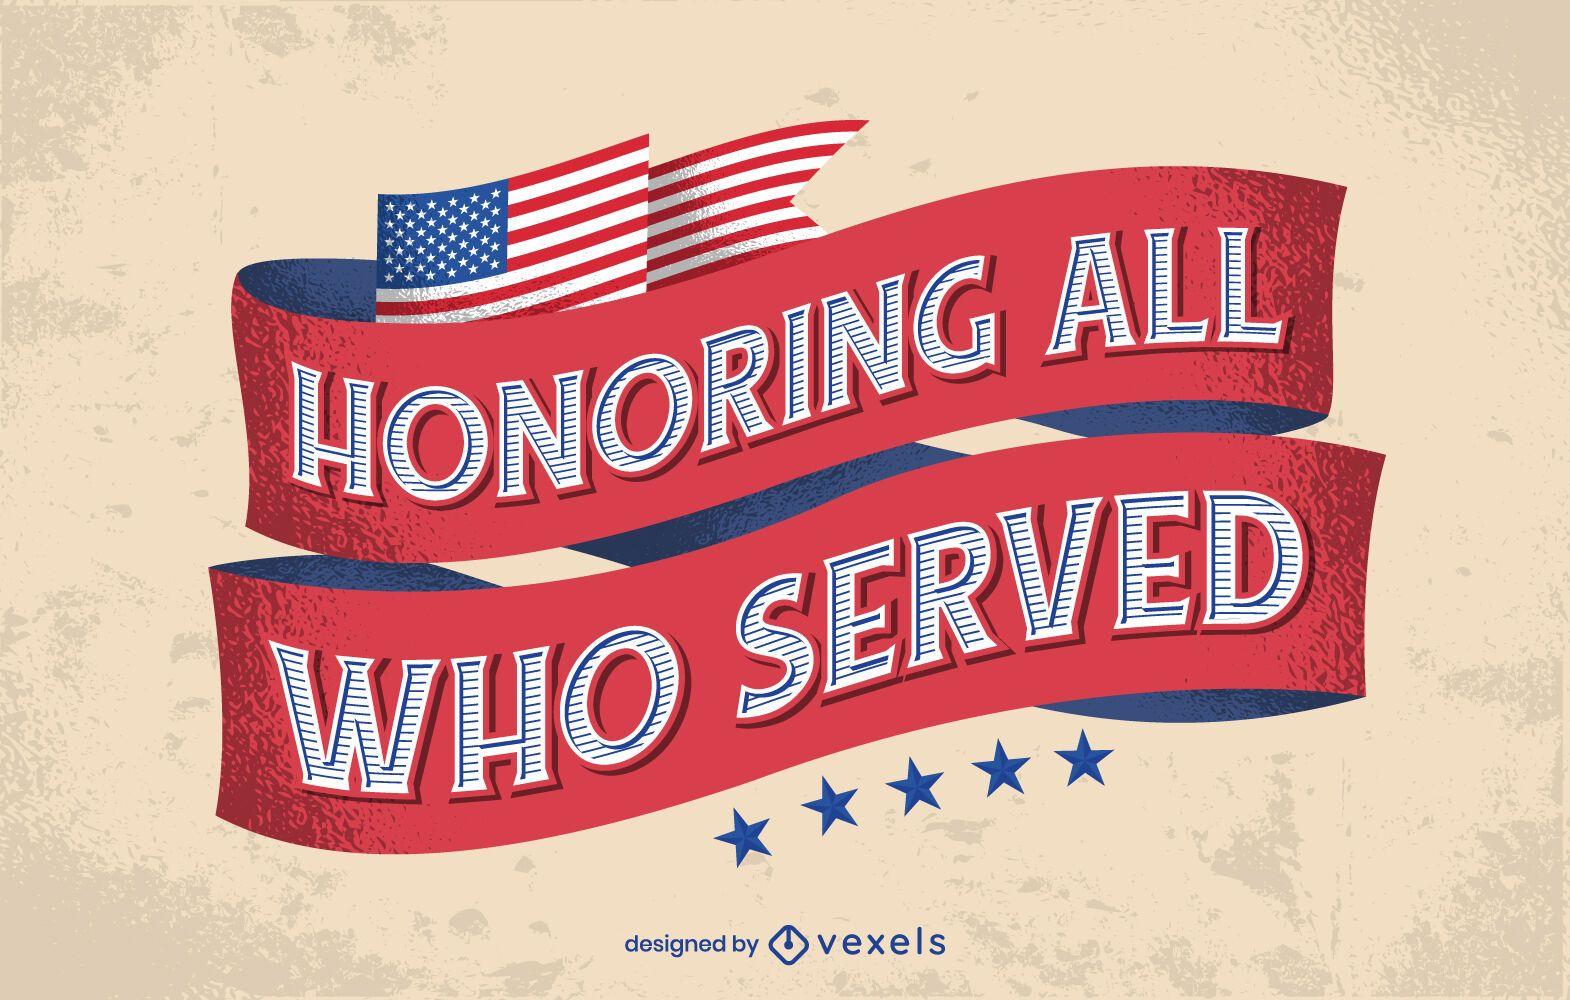 Homenageando todas as letras do dia dos veteranos